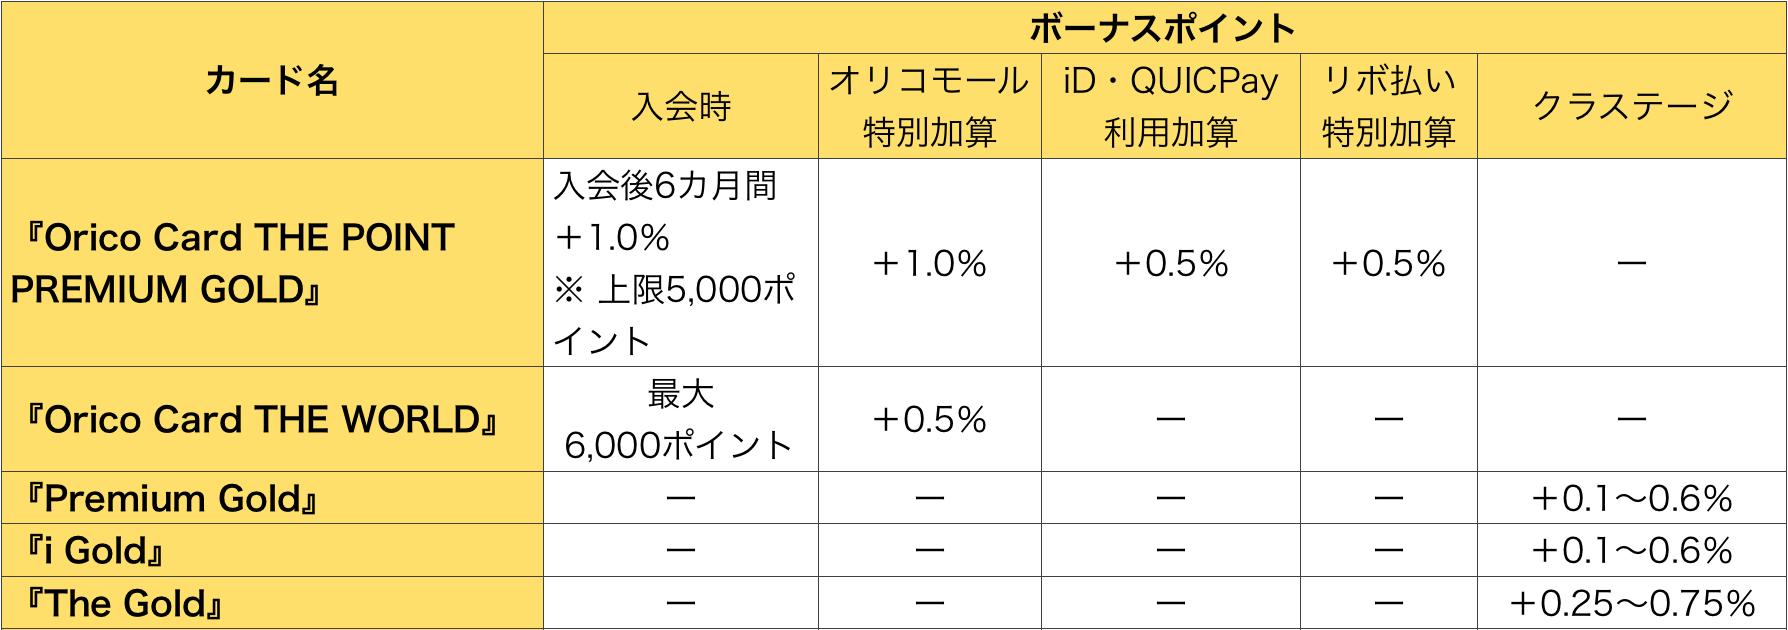 オリコゴールドカードのボーナスポイントの比較